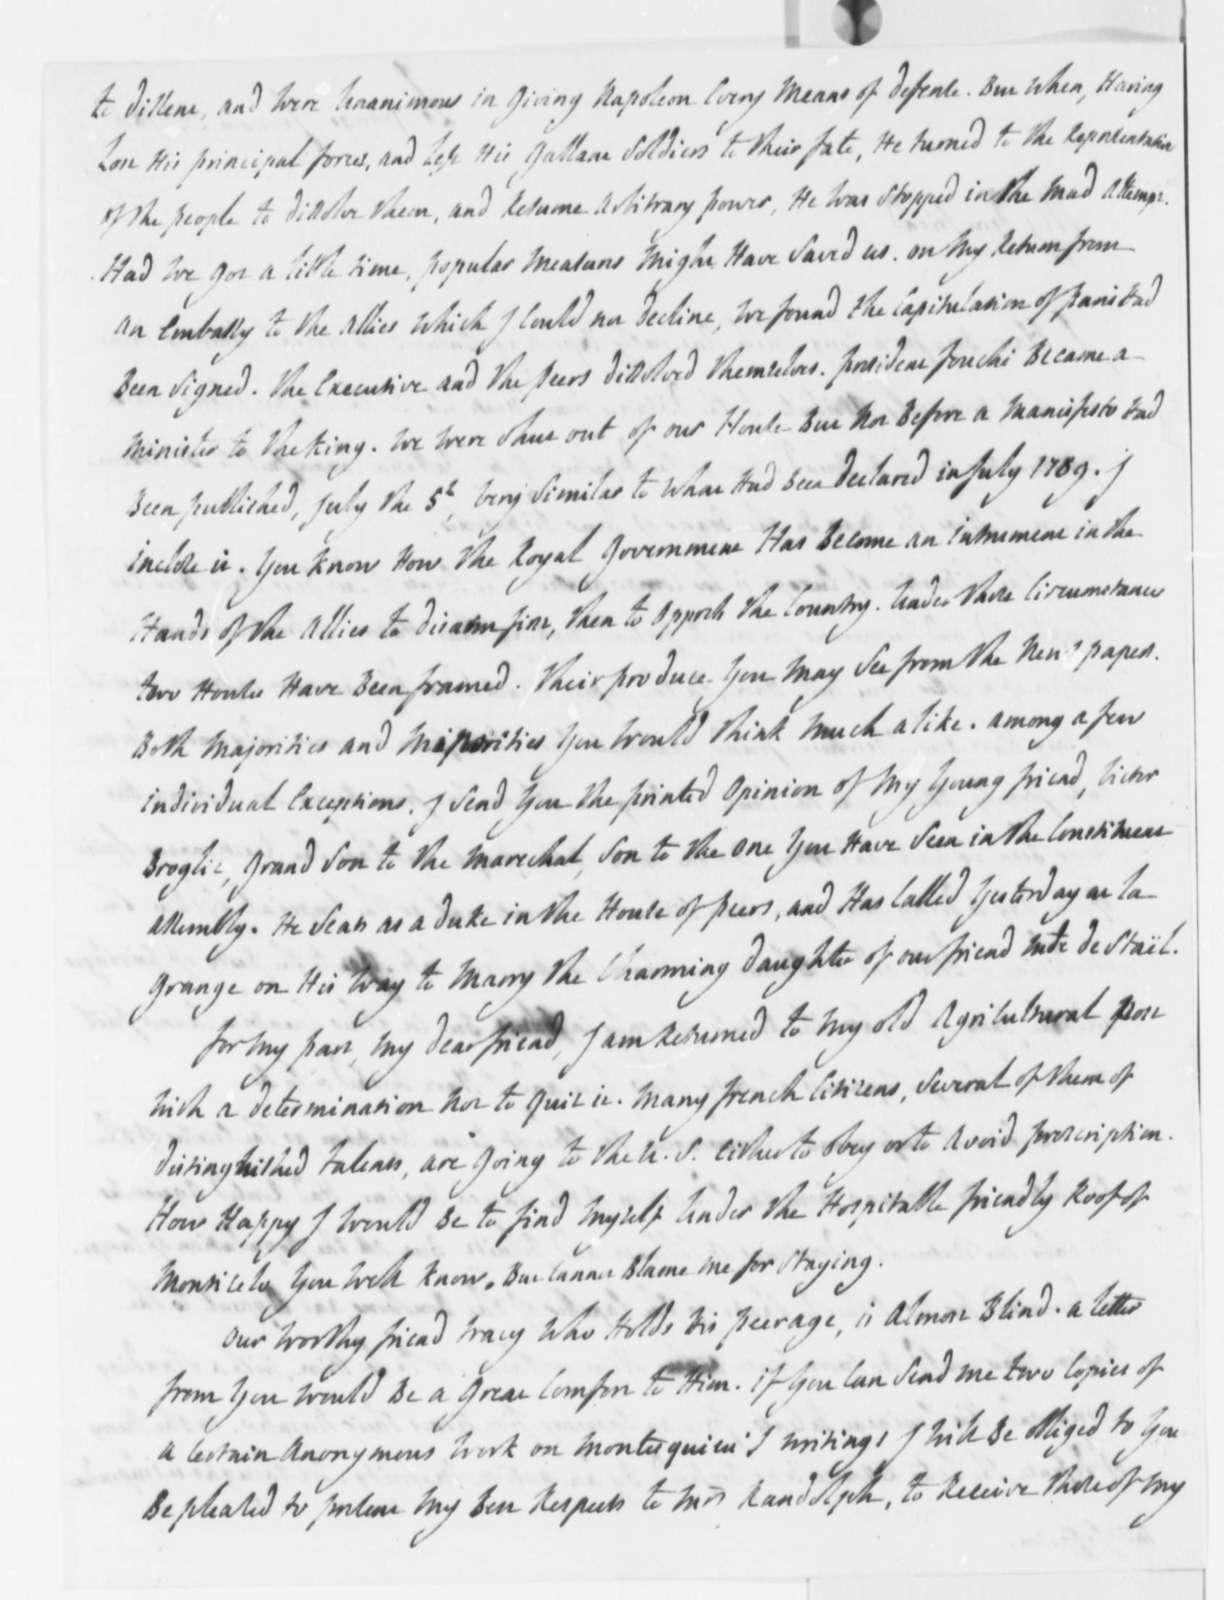 Marie Joseph Paul Yves Roch Gilbert du Motier, Marquis de Lafayette to Thomas Jefferson, January 21, 1816